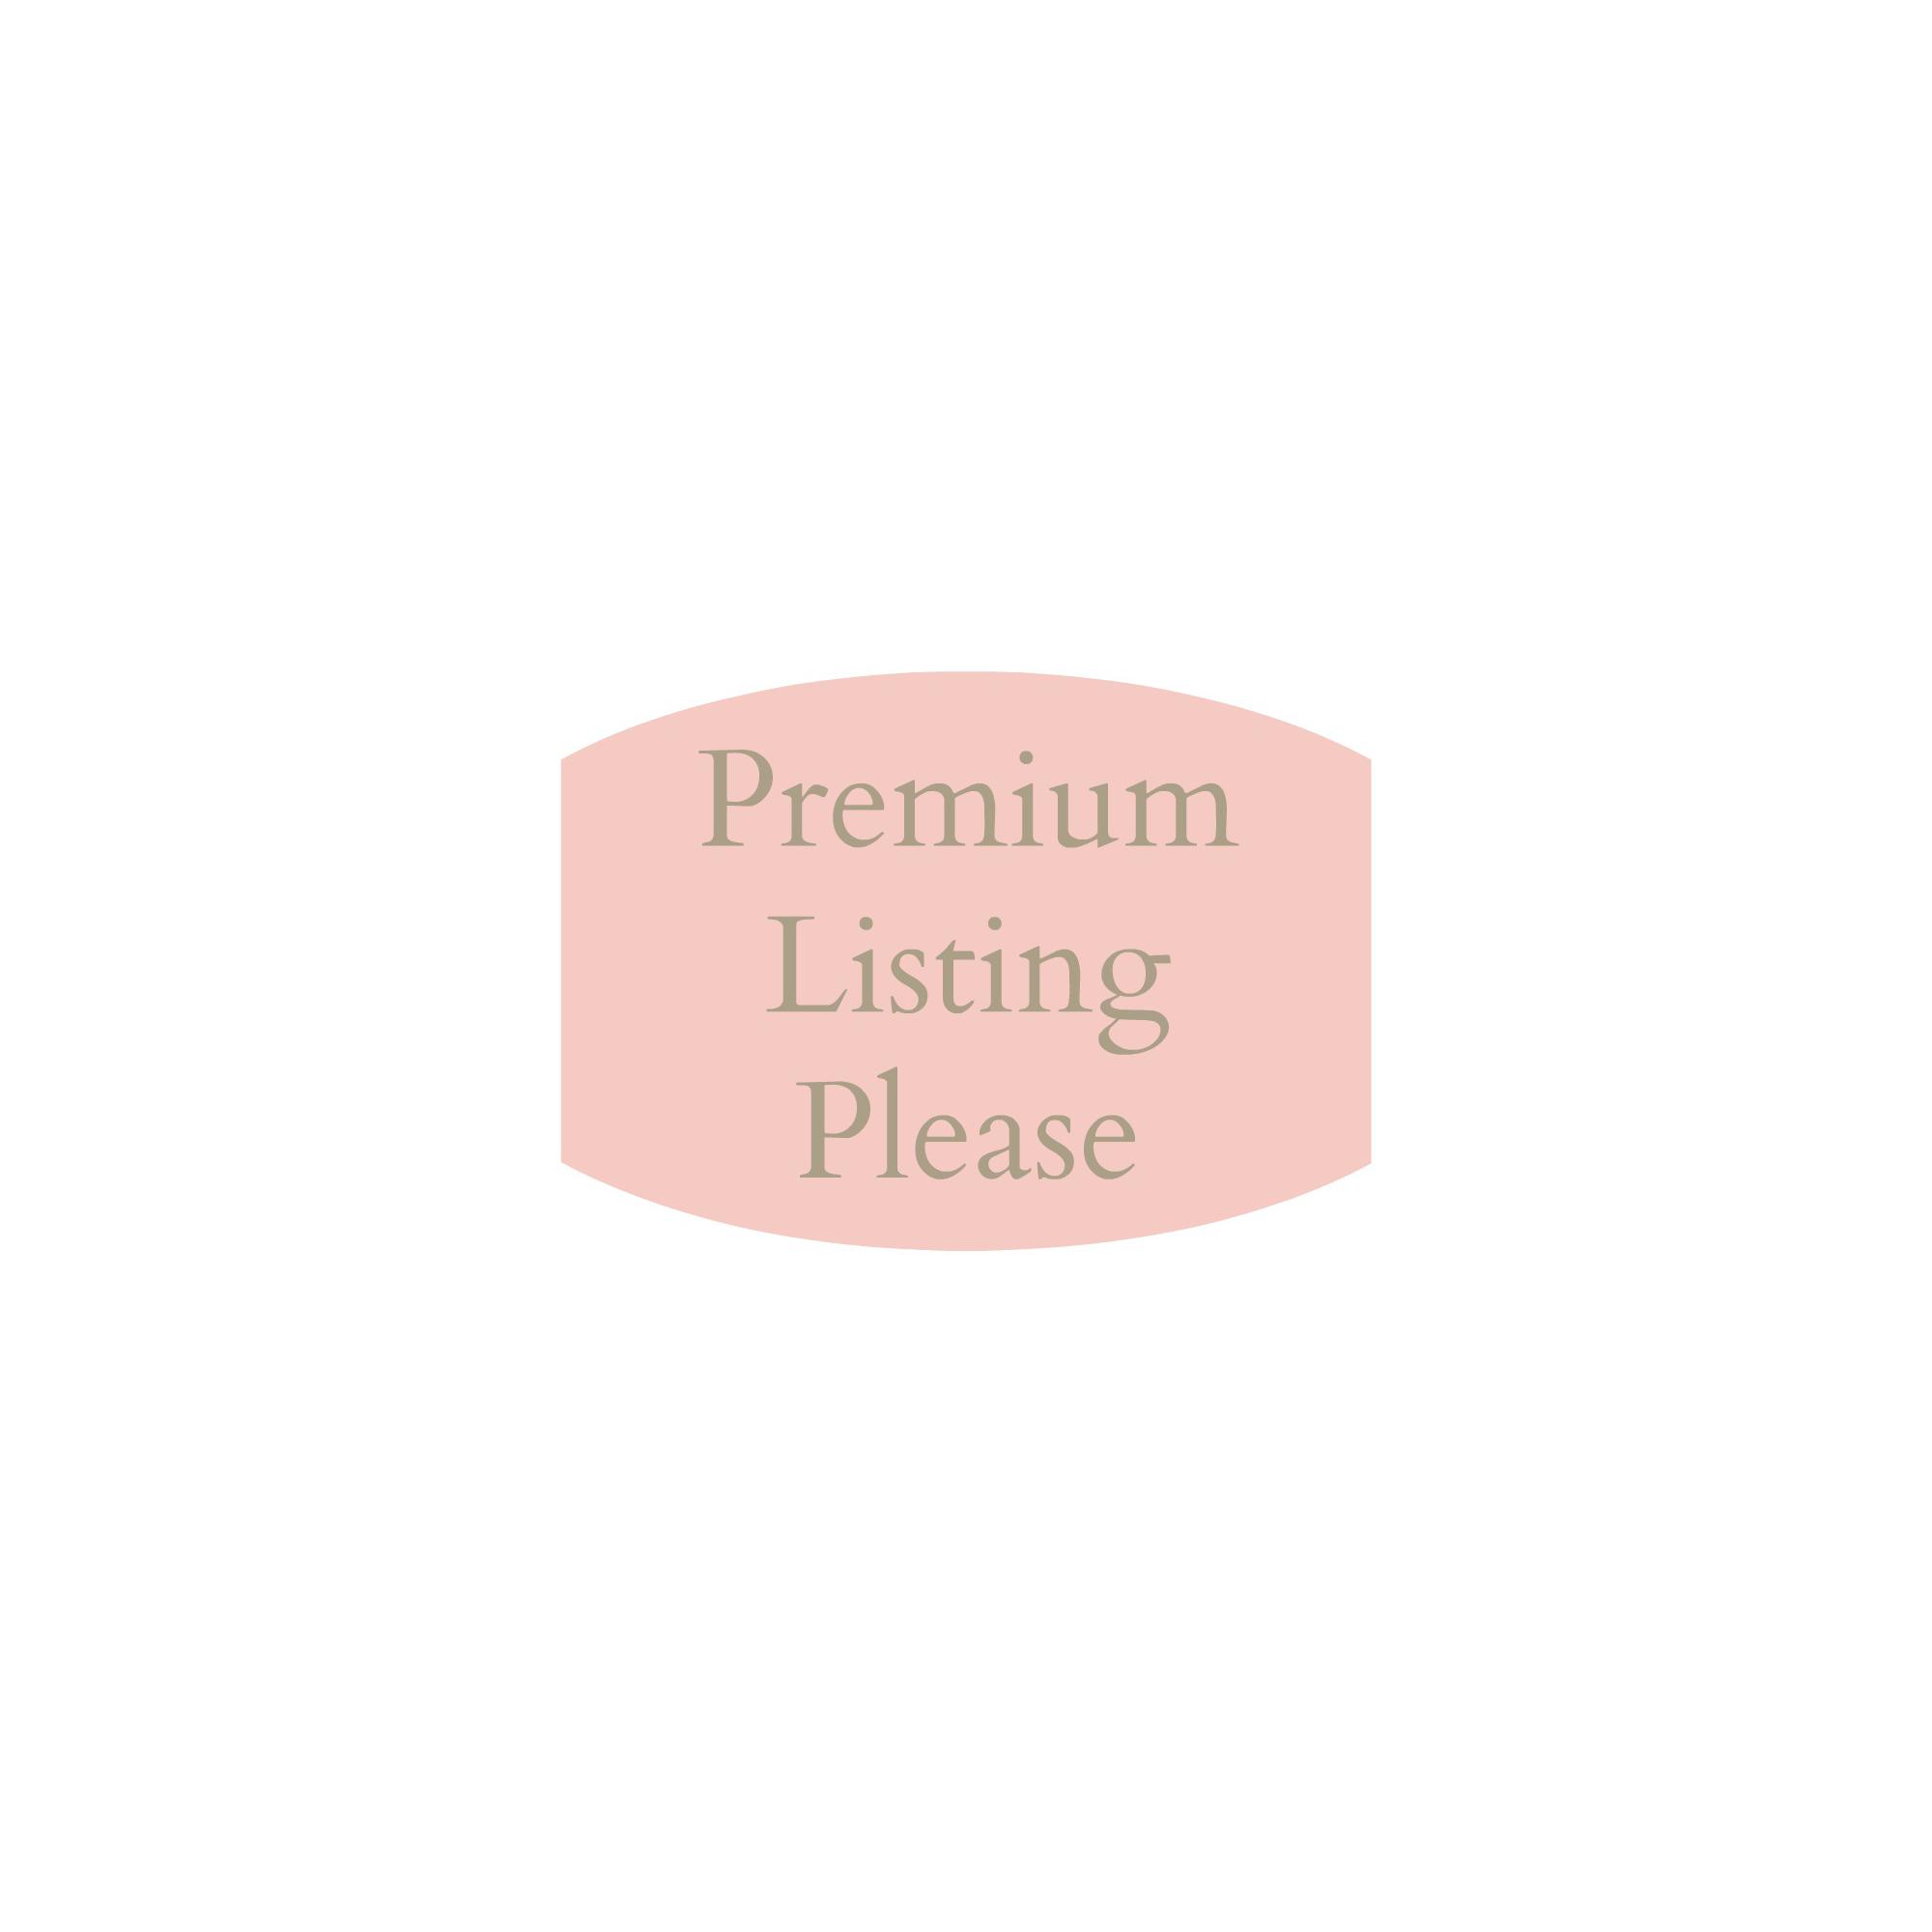 Pretty Pear Bride Bridal Salon Directory - Plus Size Bridal Salon Directory - Premium Listing